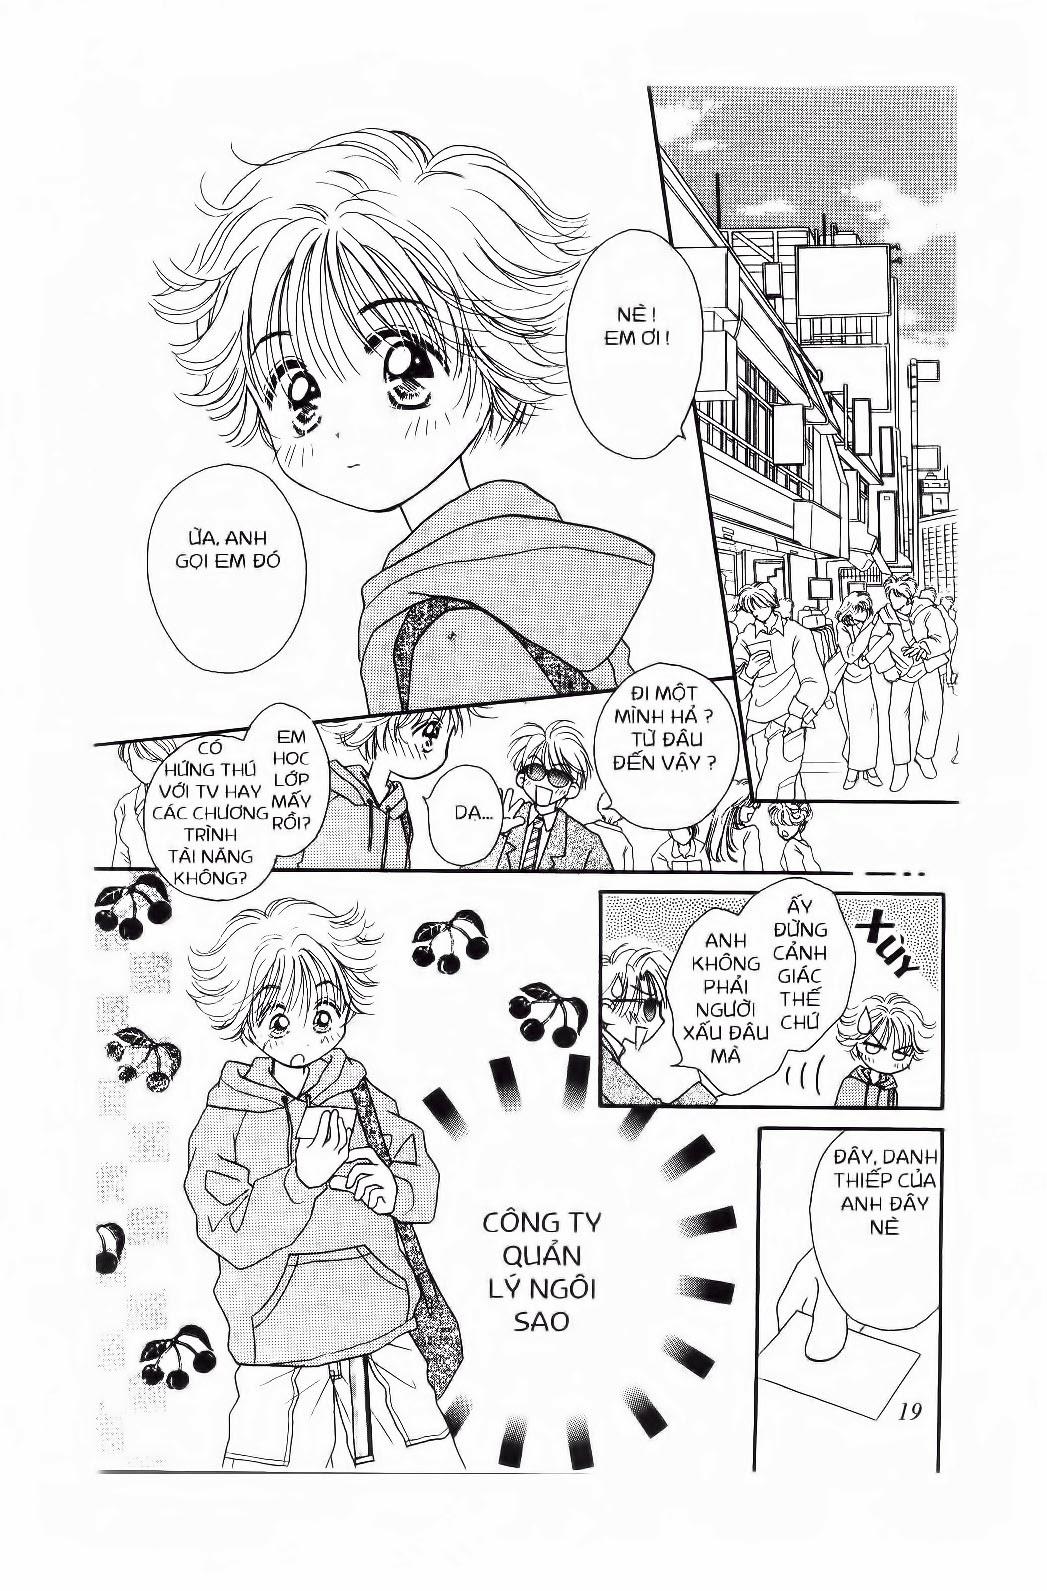 Chắp Cánh ước Mơ chap 13 - Trang 4